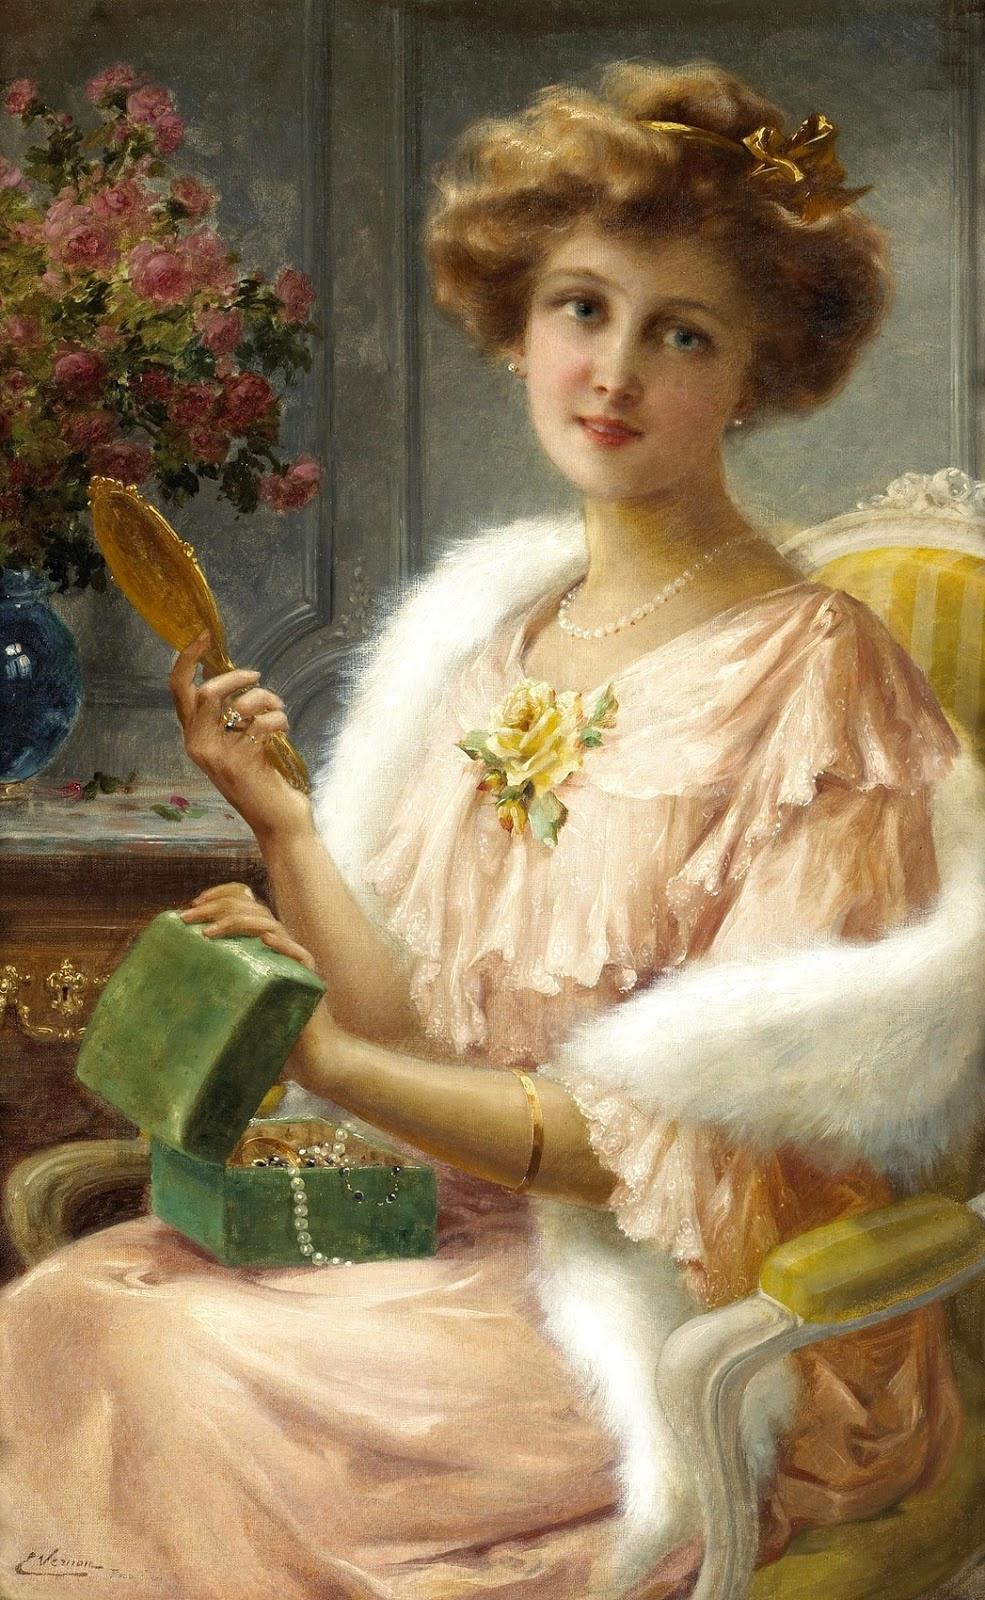 Доброго приятного, старинные картинки девушек с цветами